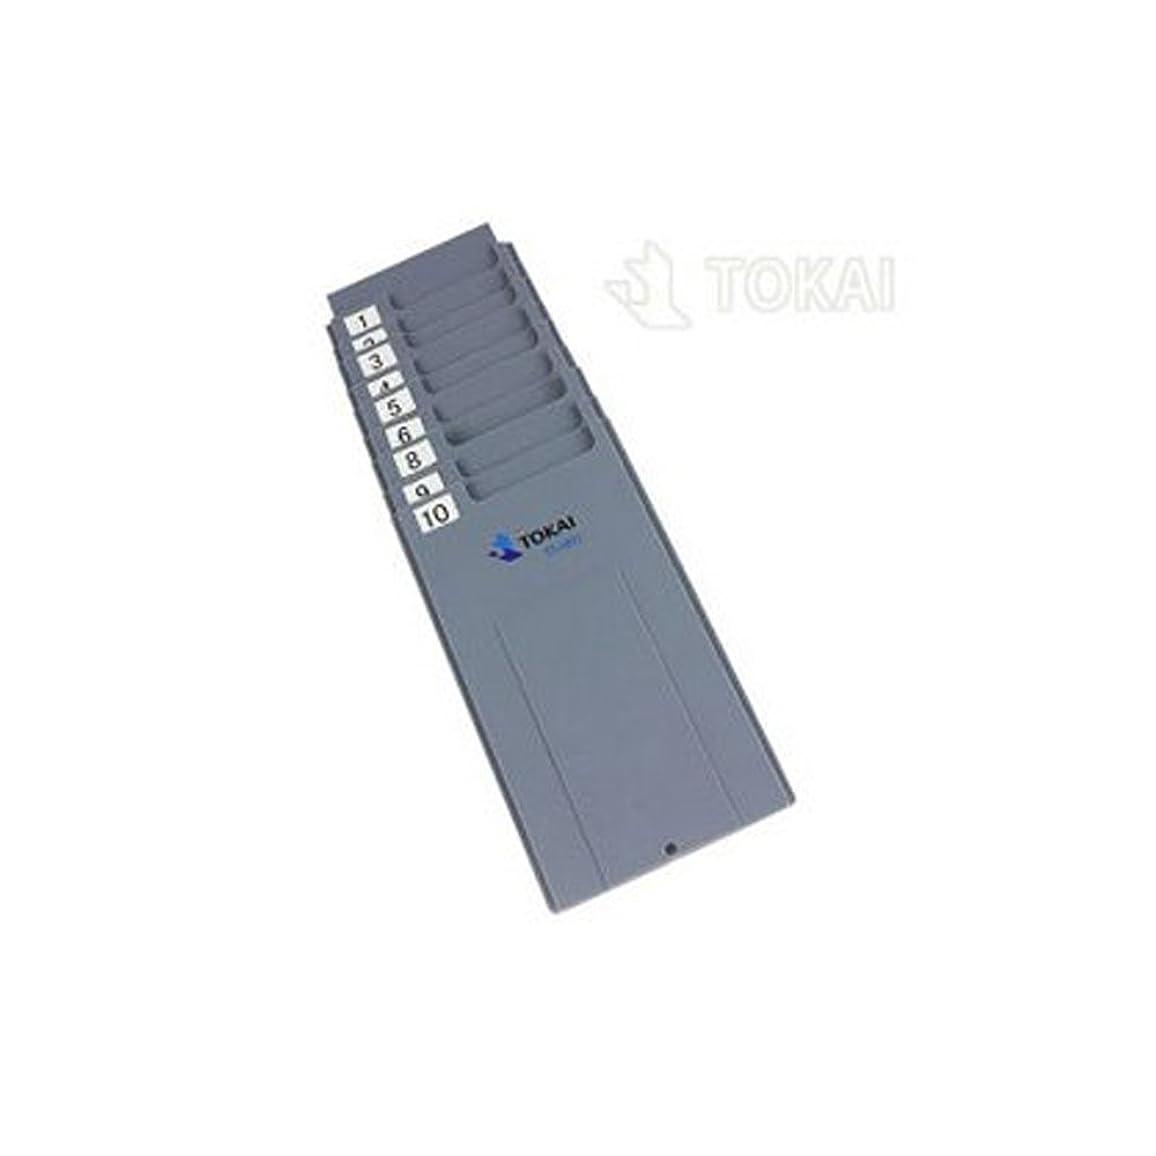 スクラッチ不正キャリアVOICE タイムレコーダー VT-2000 用 タイムカードラック10人用